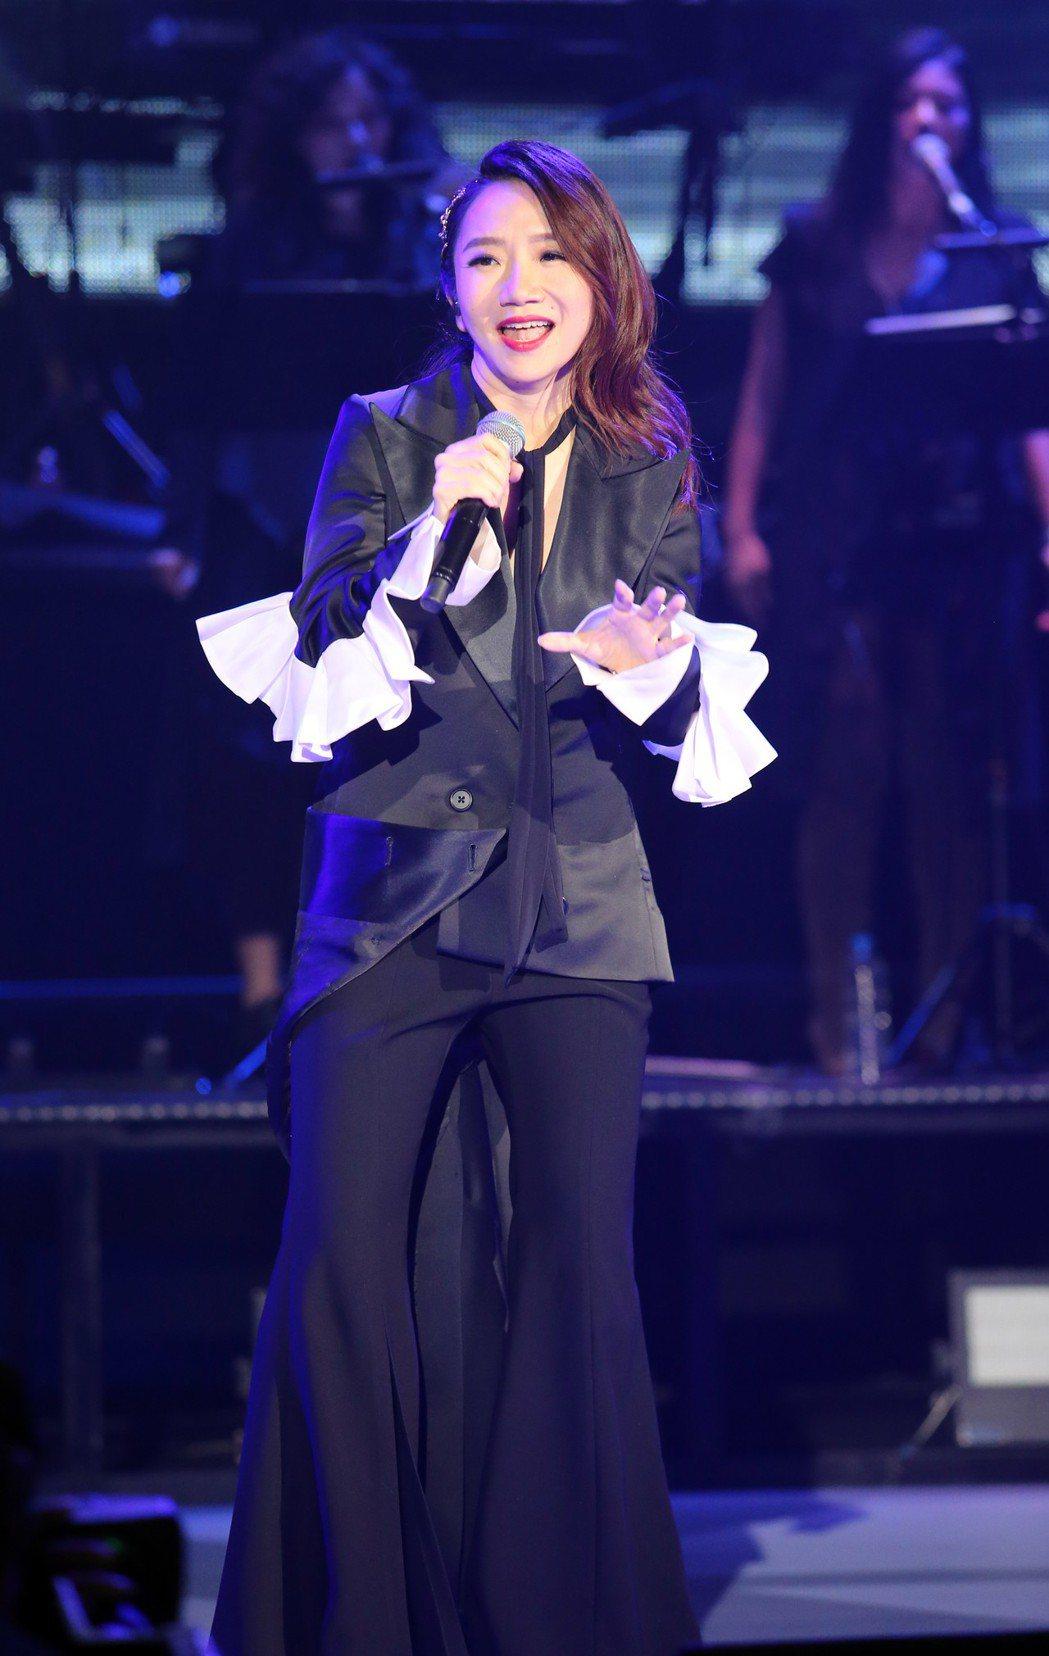 陶晶瑩穿著褲裝揭開演唱會序幕。記者許正宏/攝影